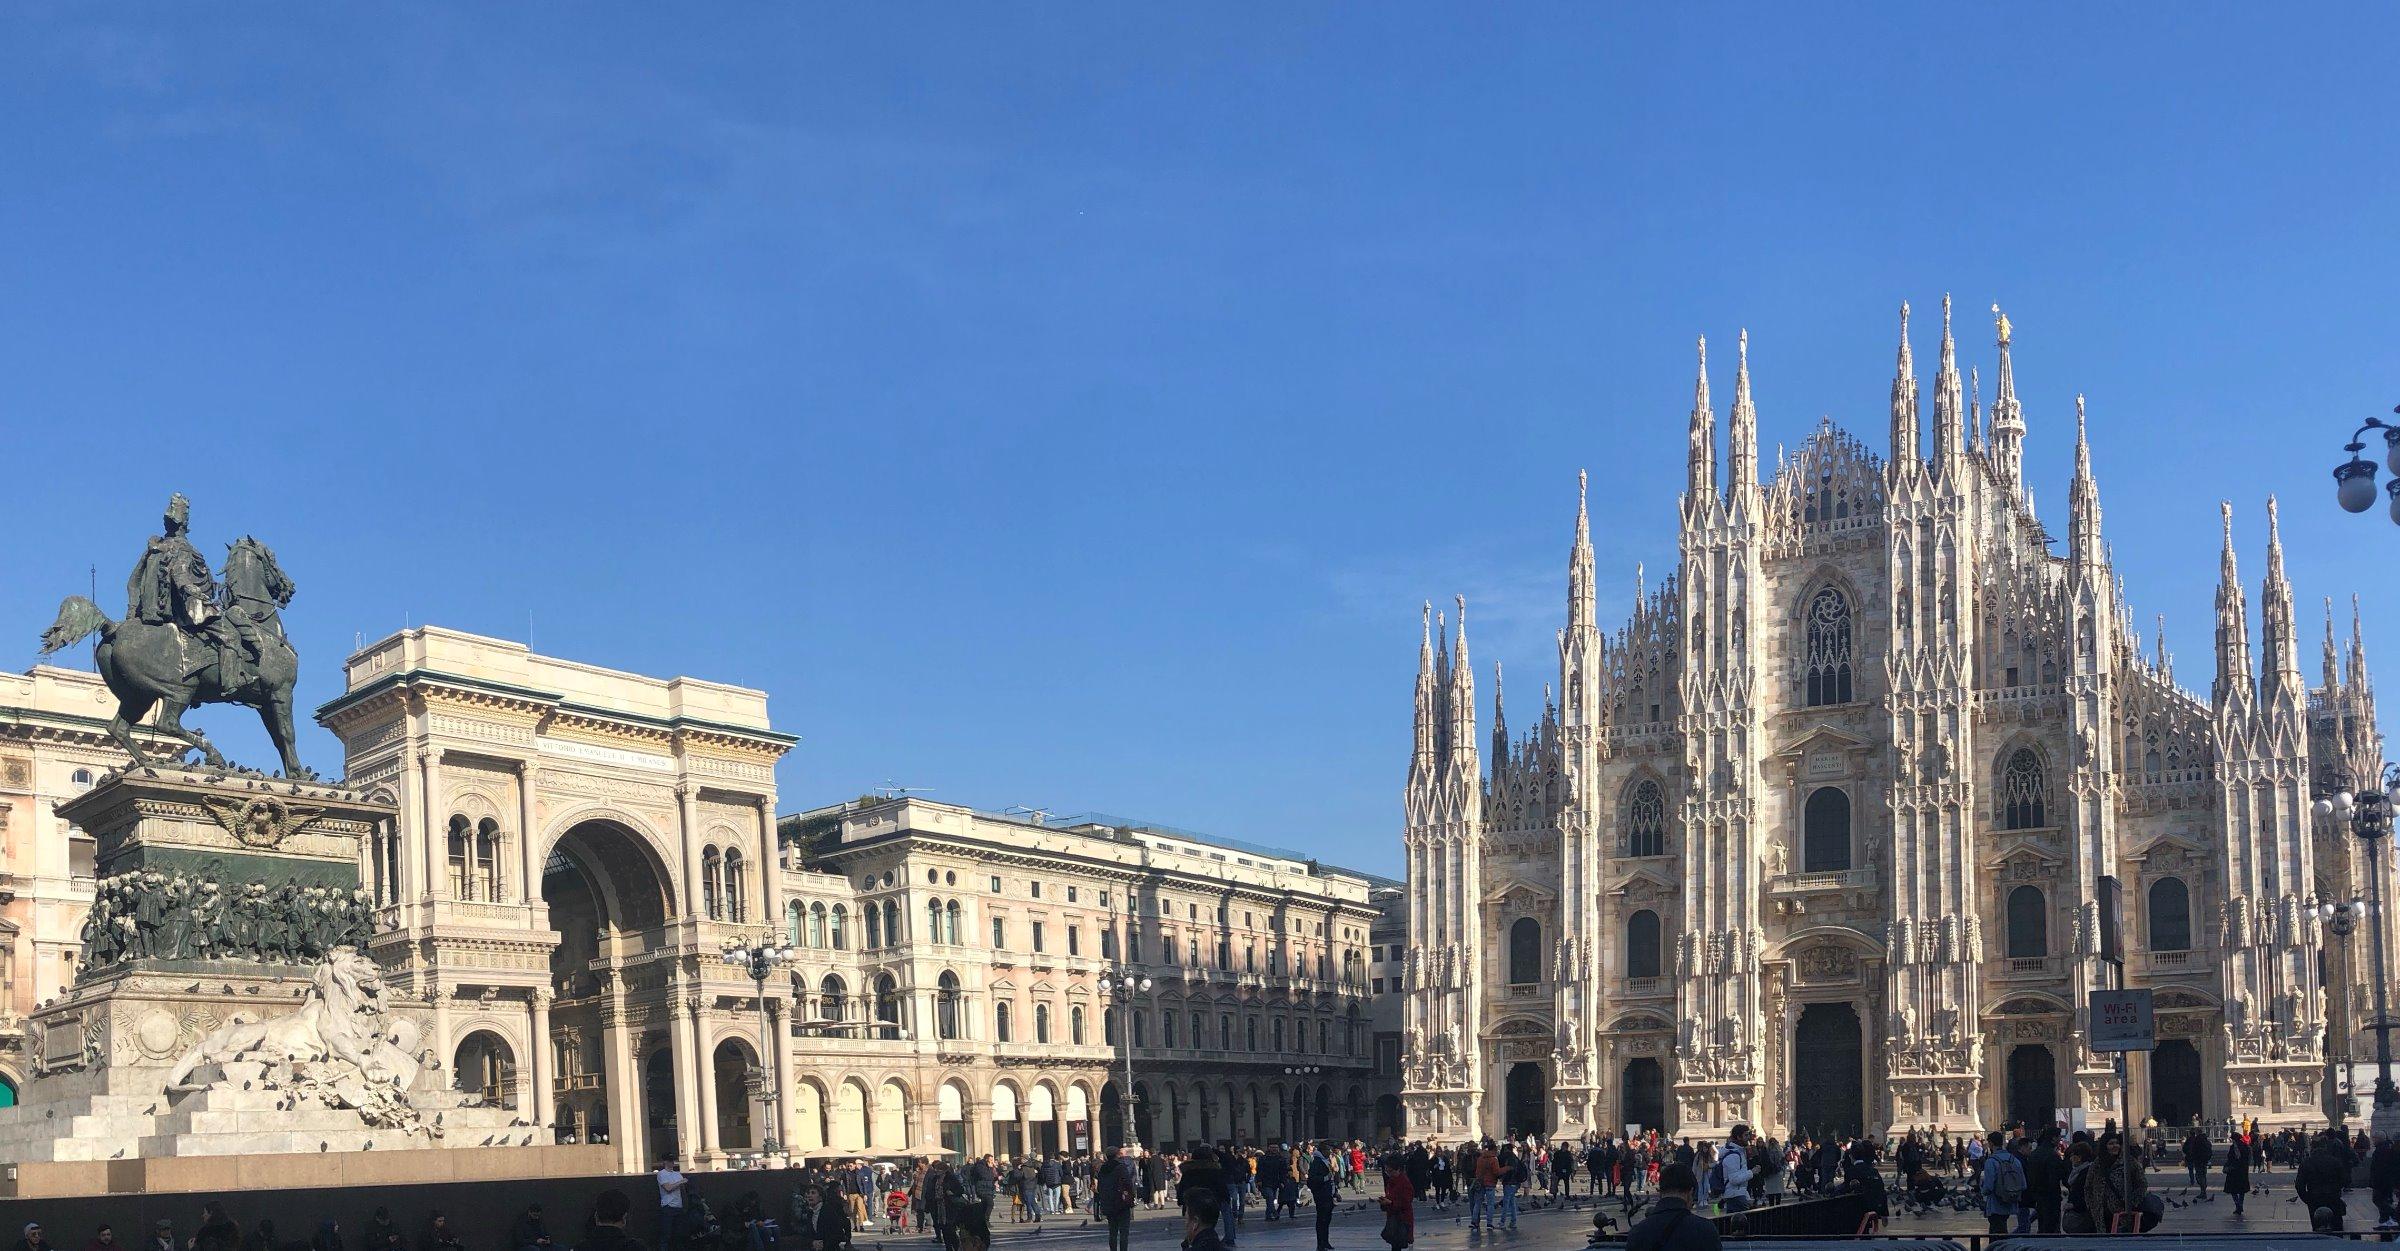 Milano firmatur